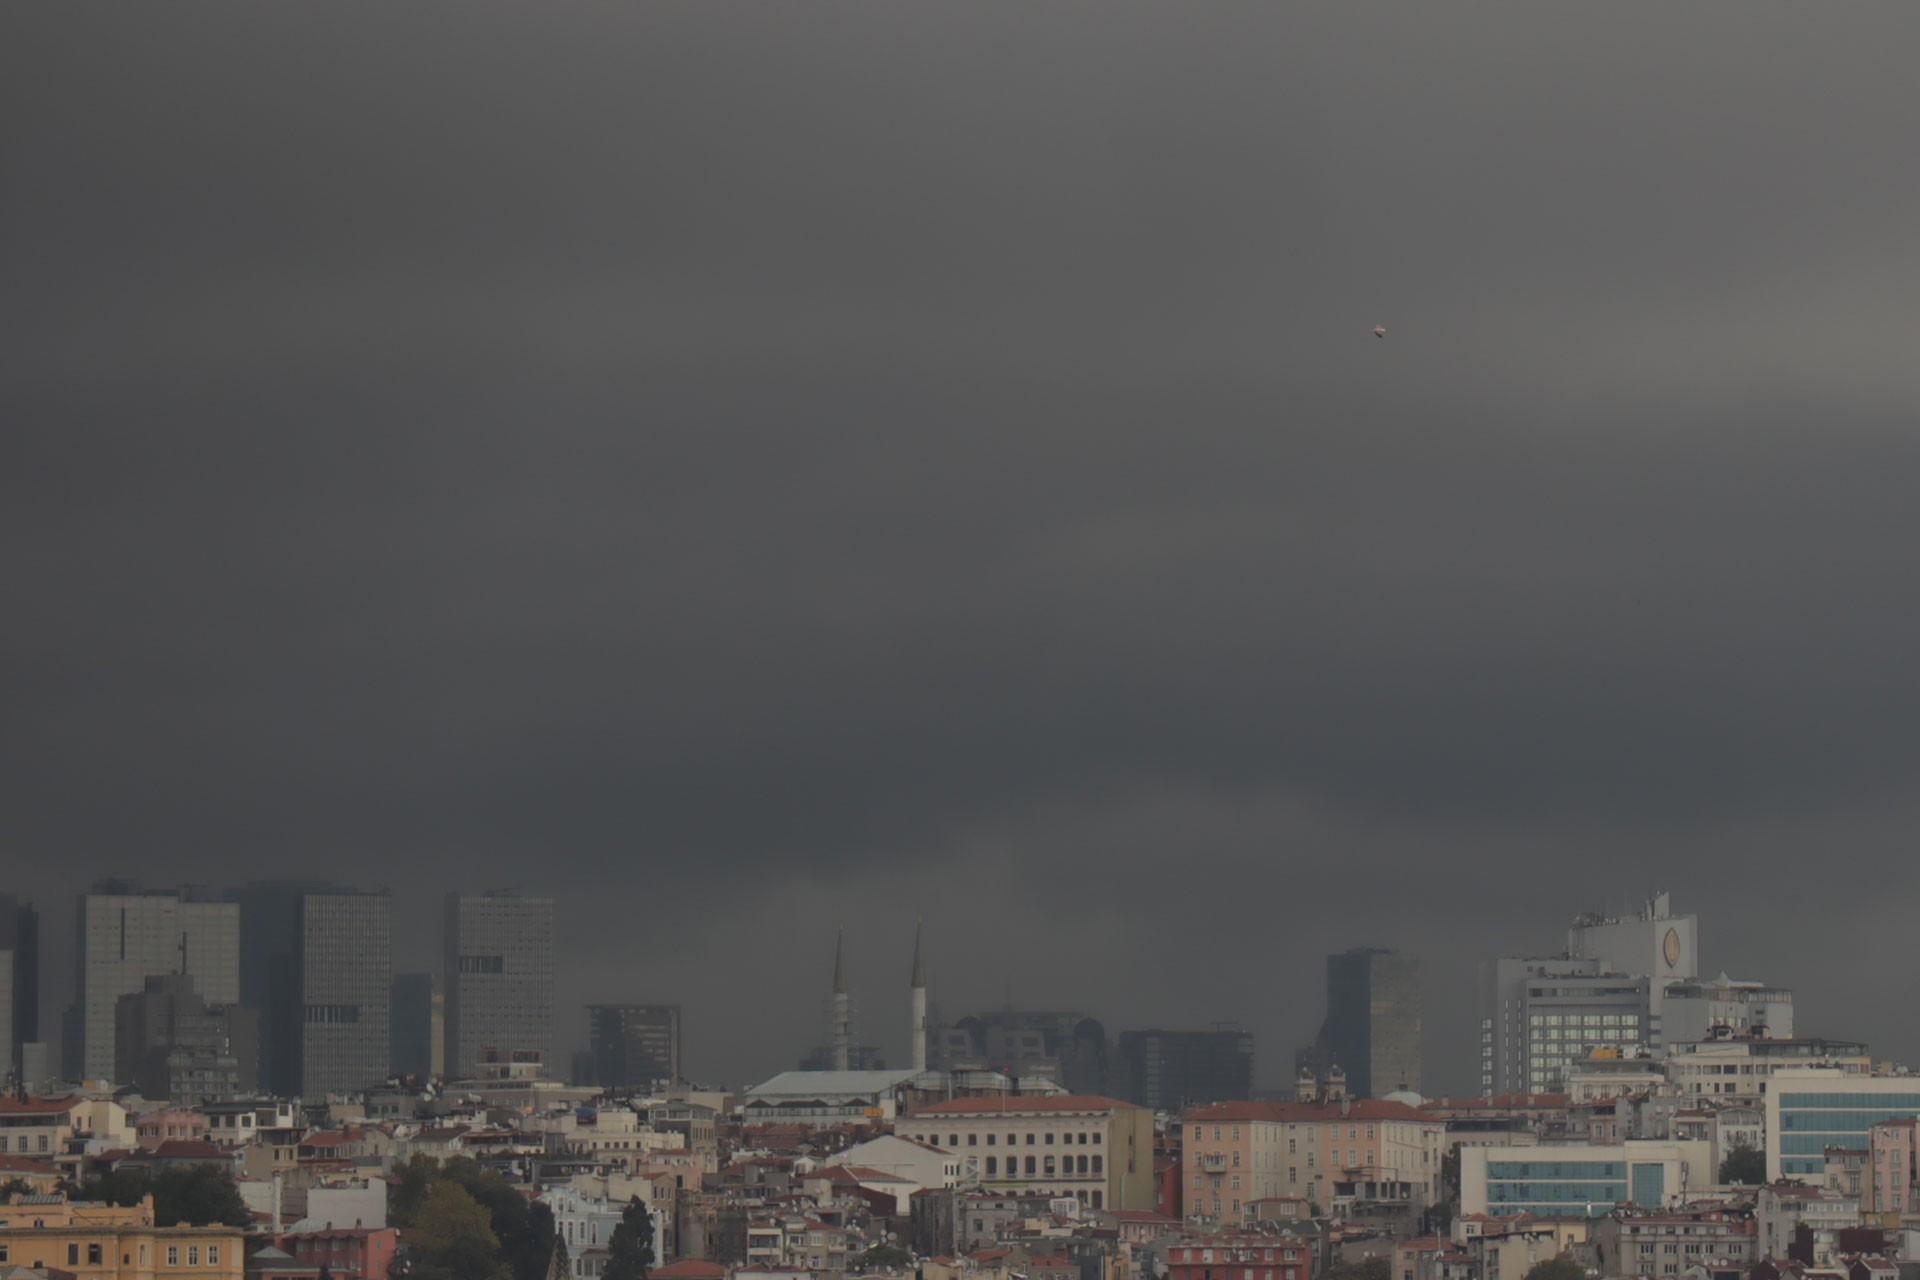 İstanbul'da yağış başladı; Marmara için kuvvetli yağış uyarısı yapıldı